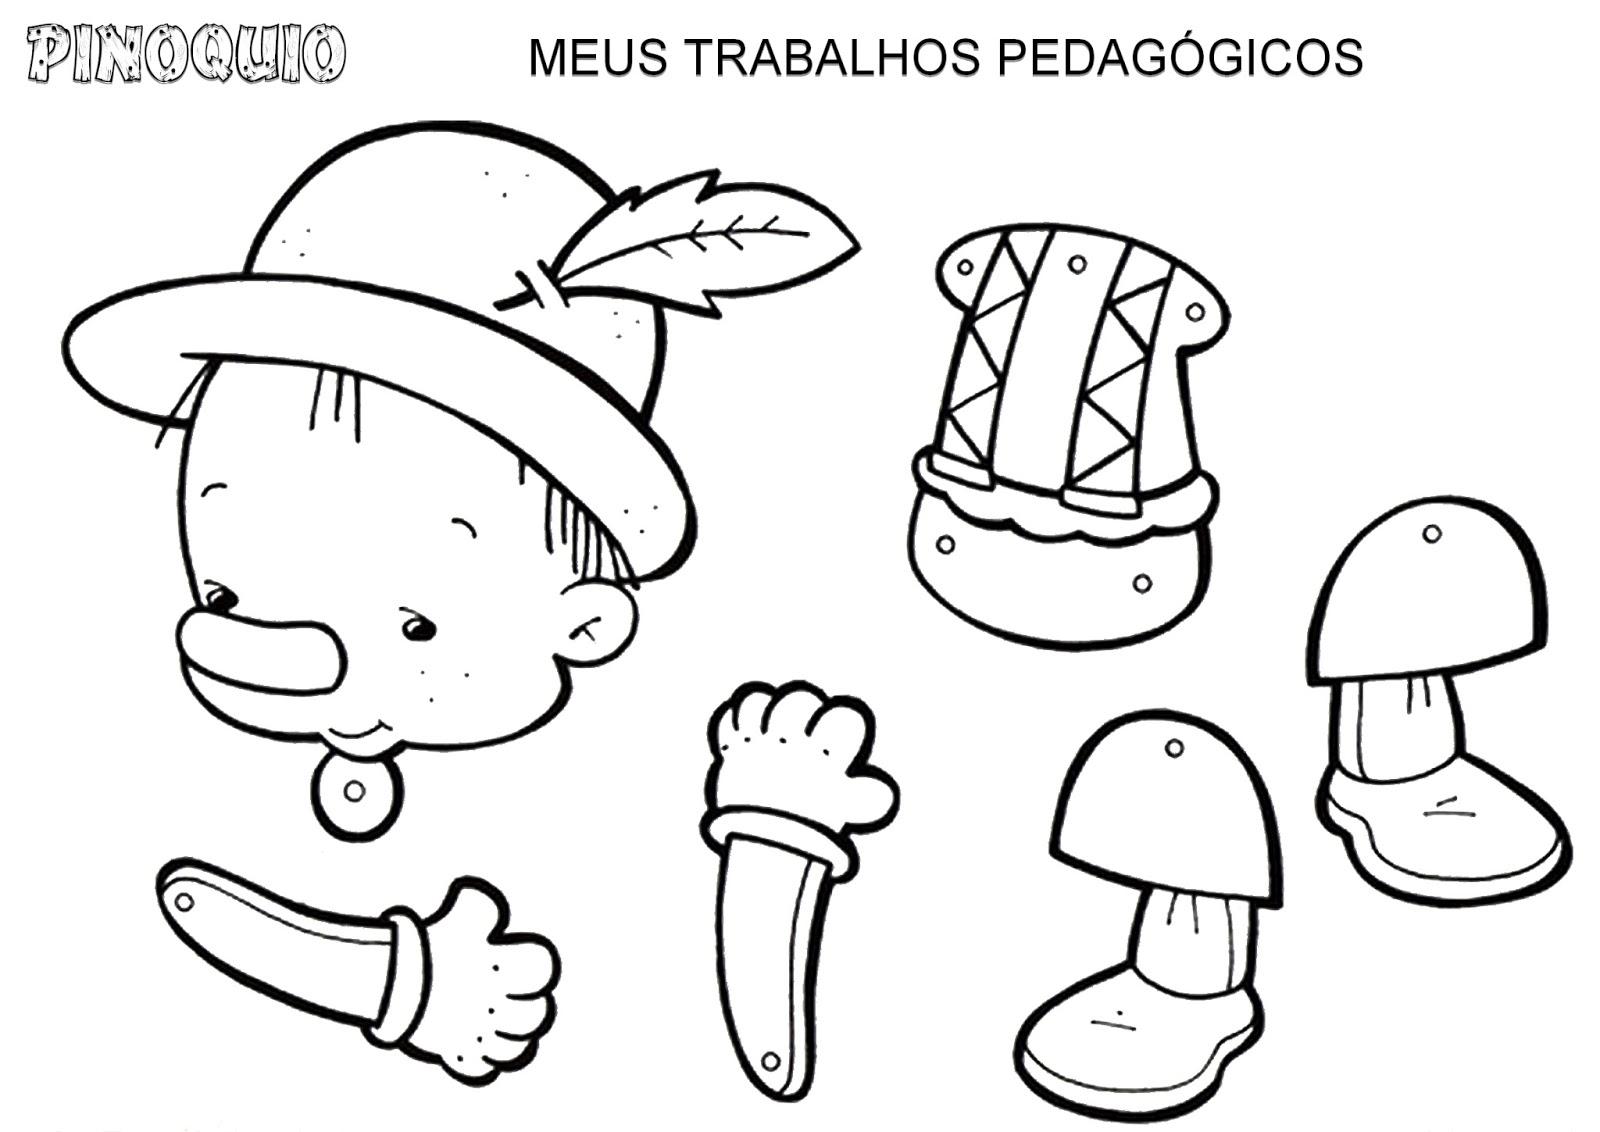 Meus Trabalhos Pedagógicos ®: Pinóquio